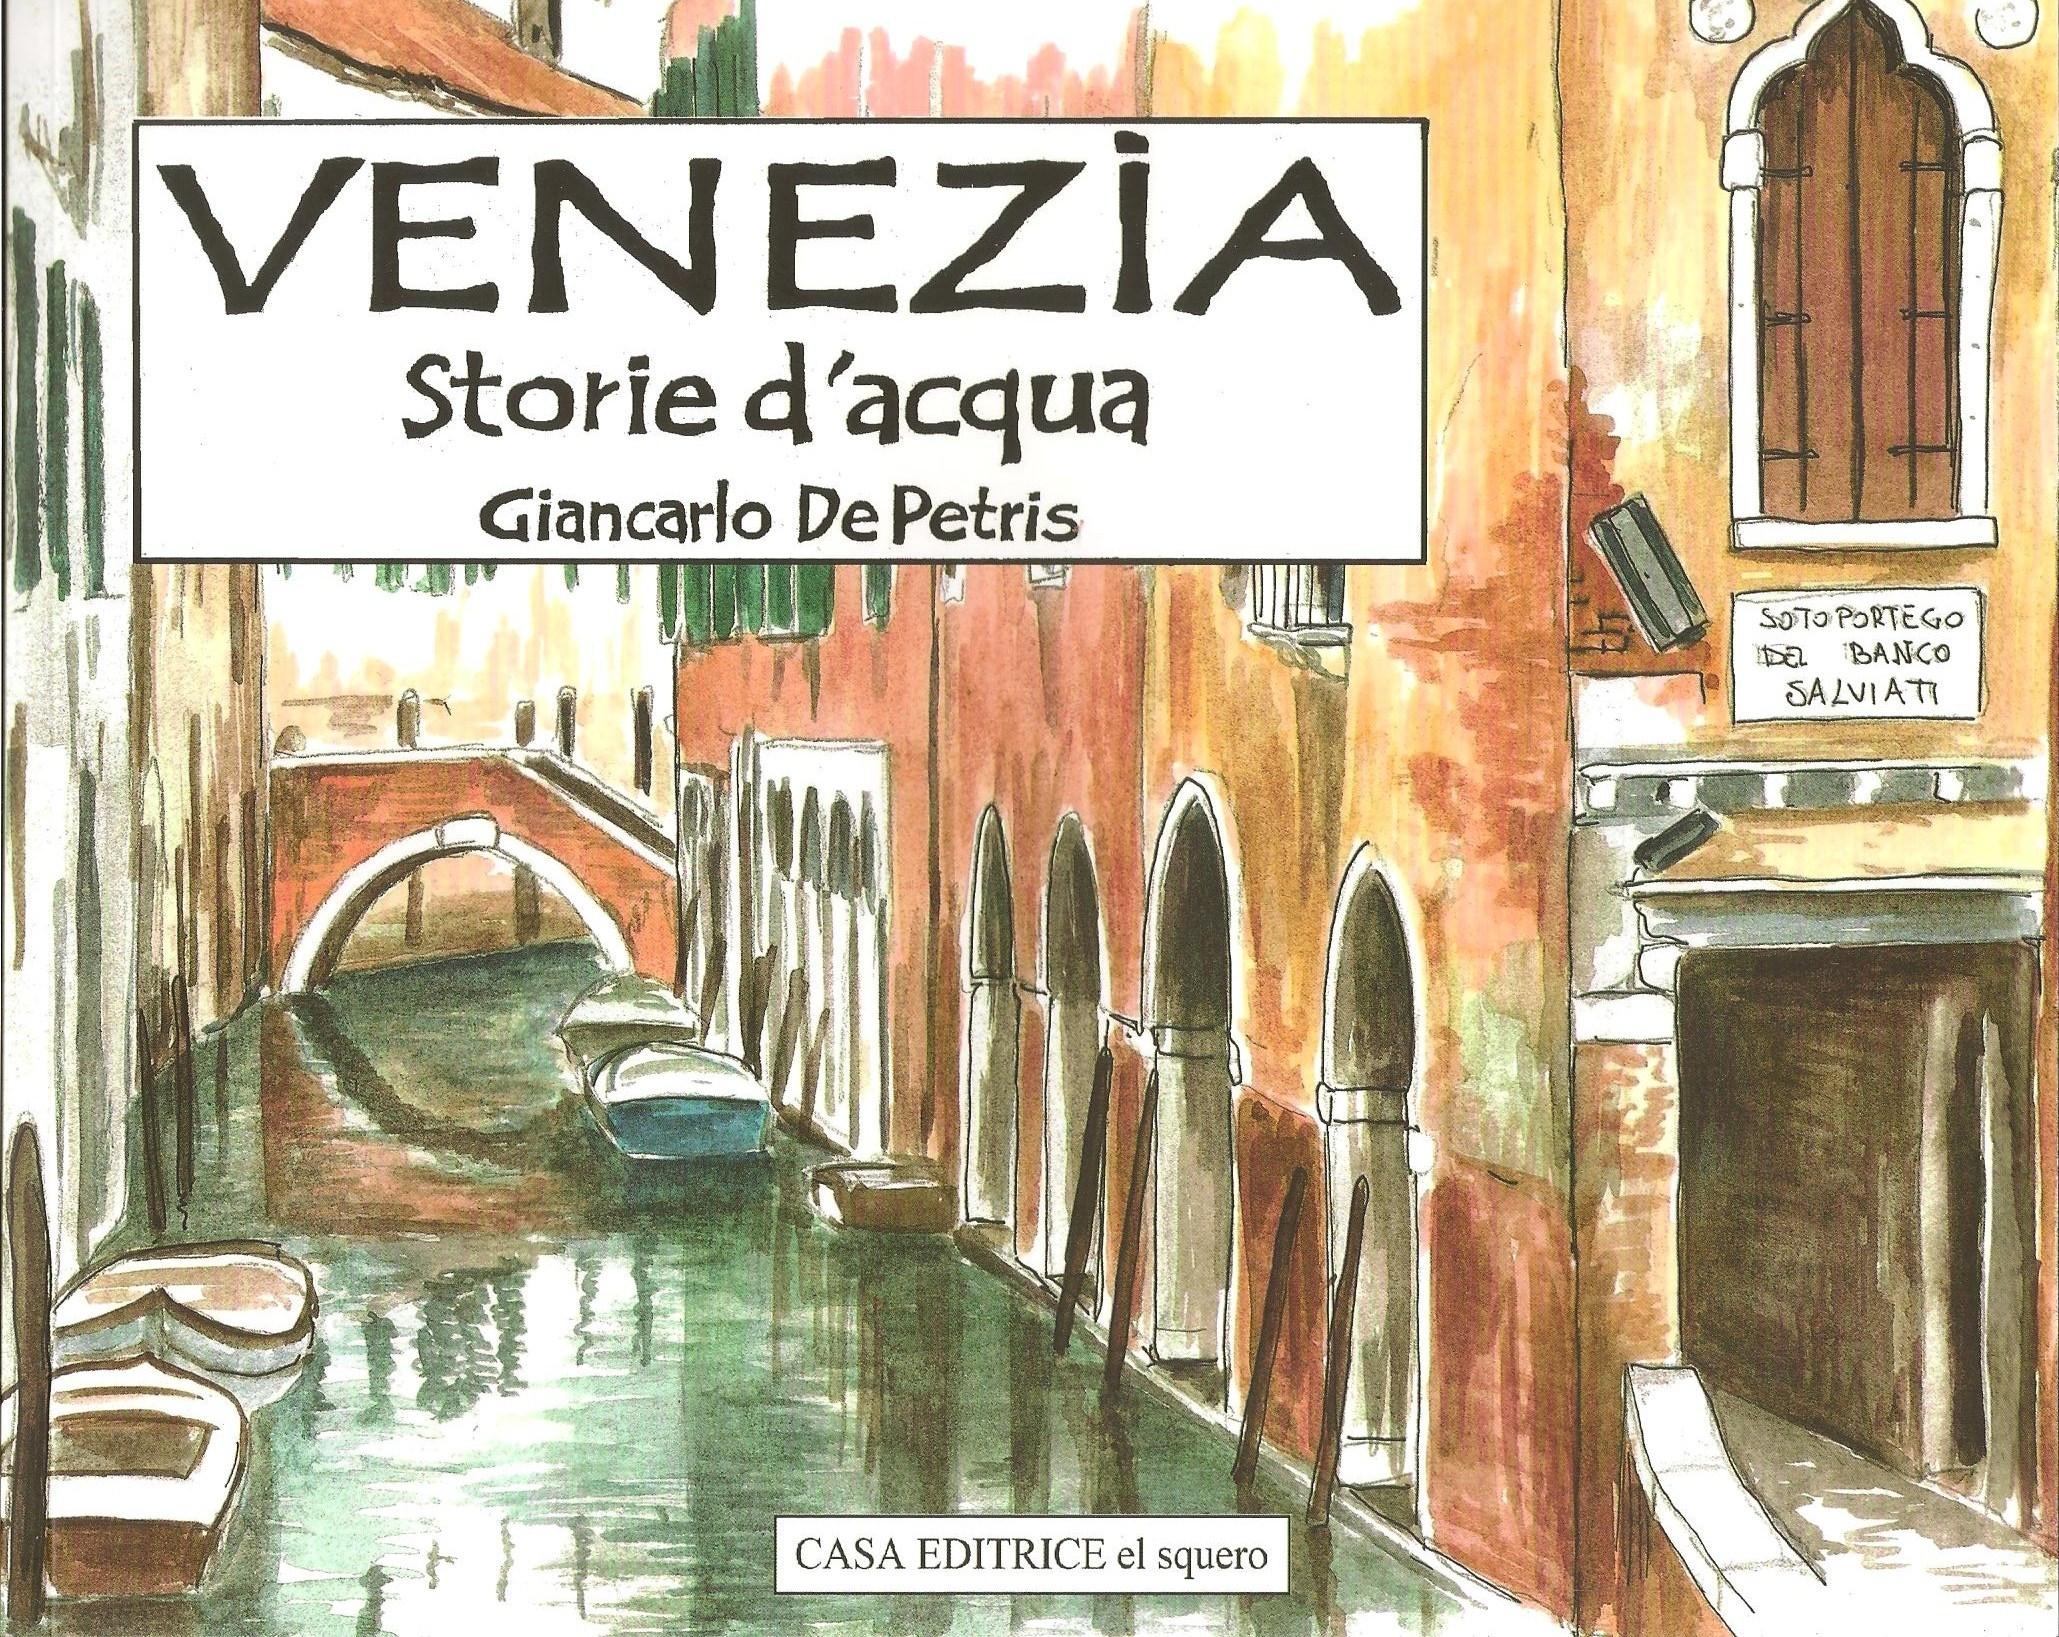 Venezia storie d'acqua